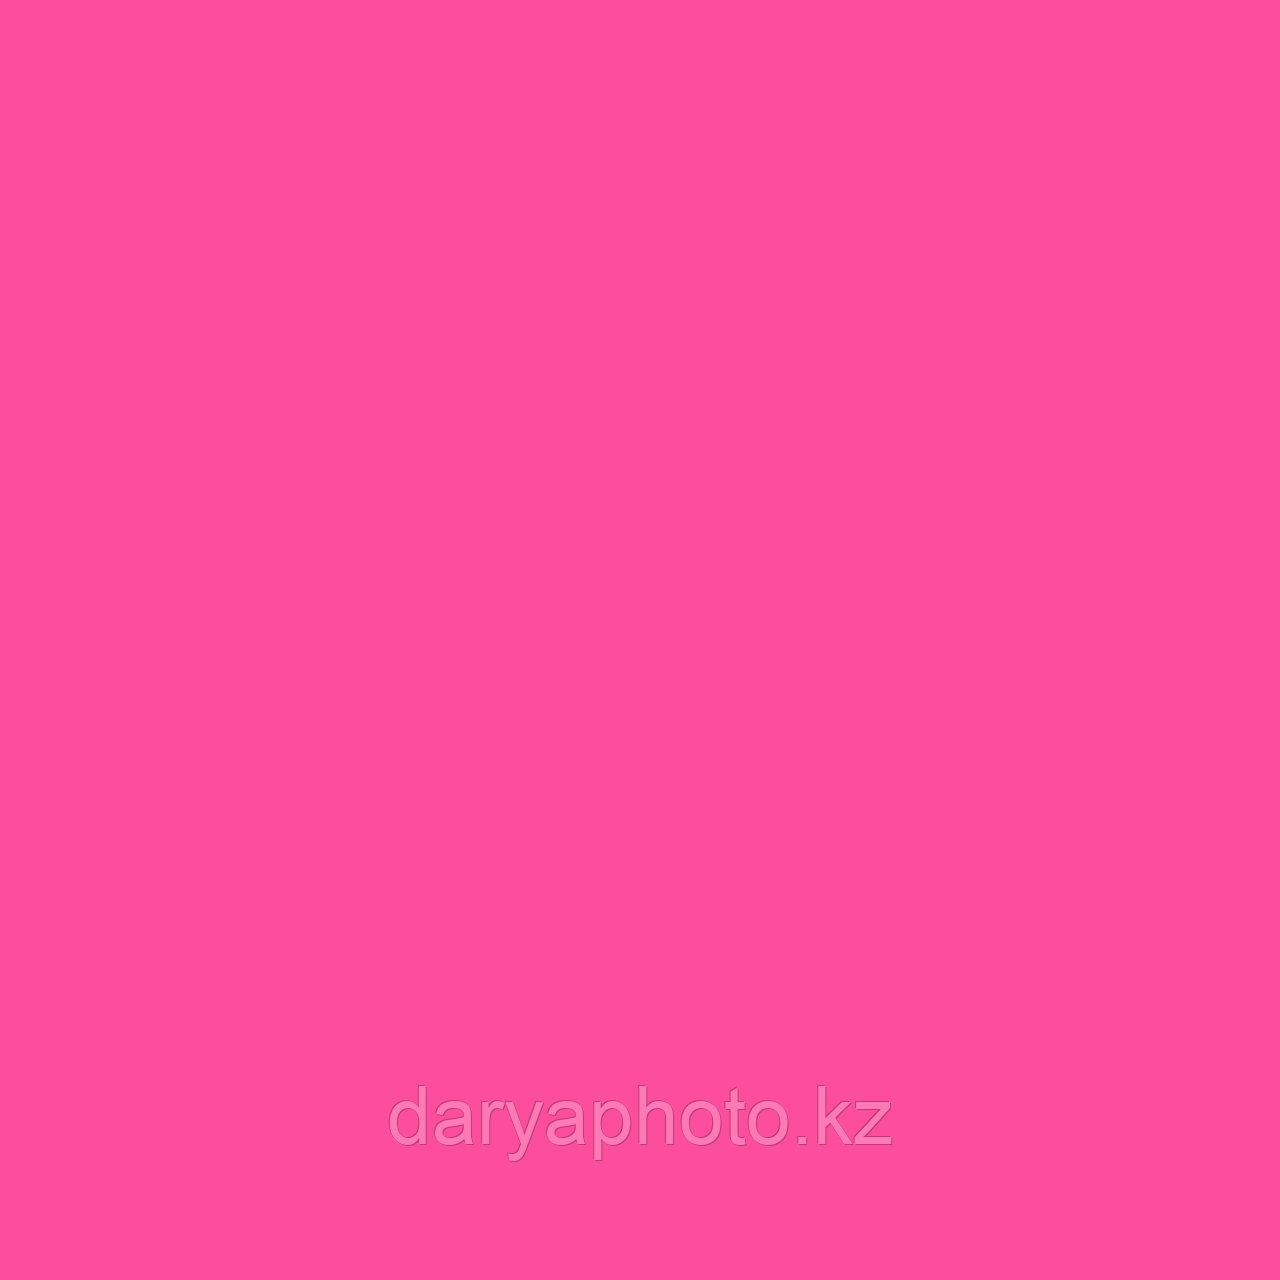 Темно розовый Фон бумажный. Фотофон. Фон для фотостудии